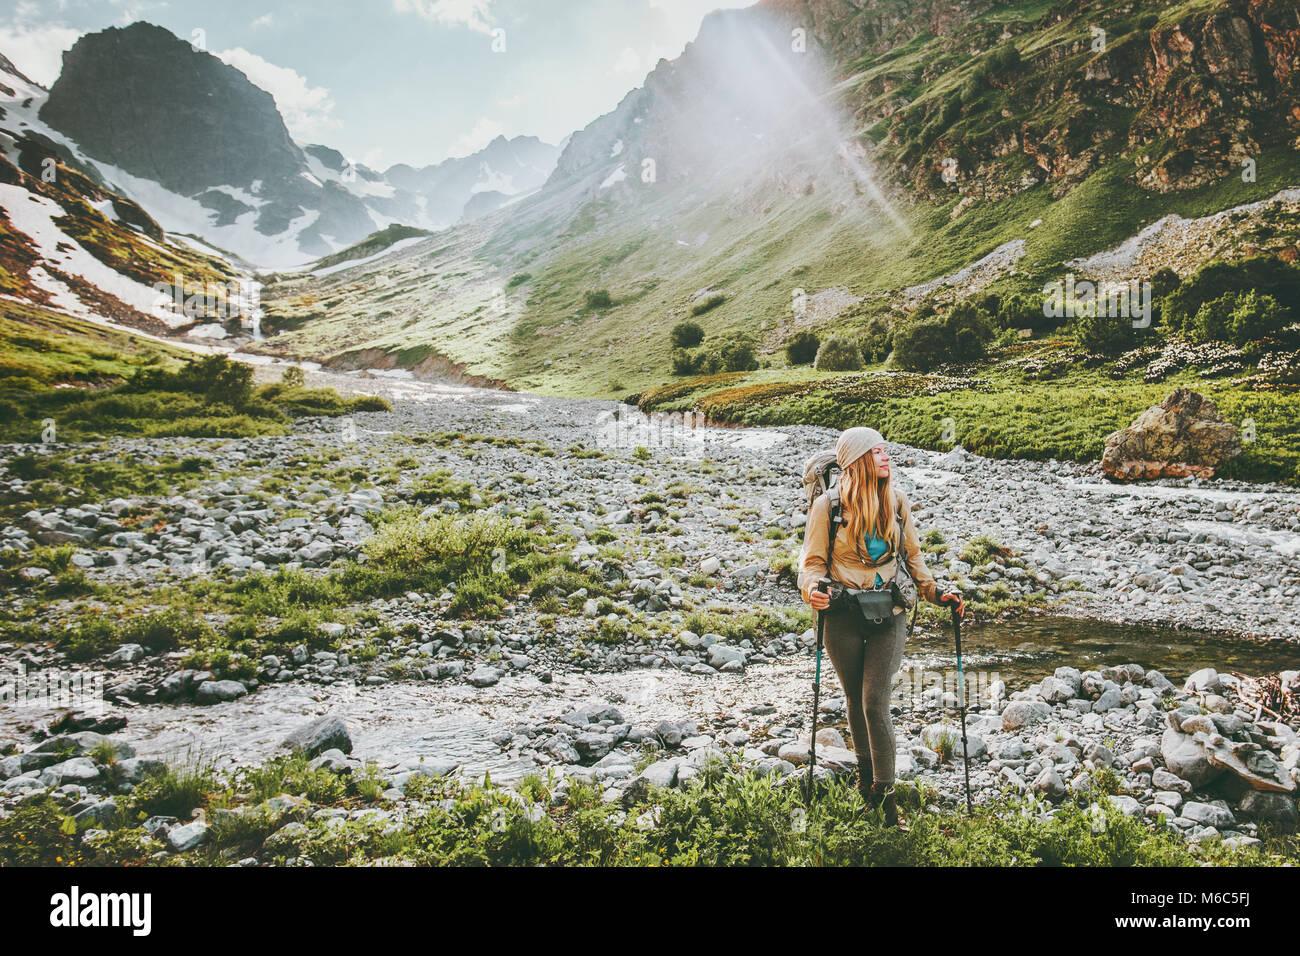 Randonnées en montagne femme backpacker style d'aventure concept active vacances estivales en plein air Photo Stock